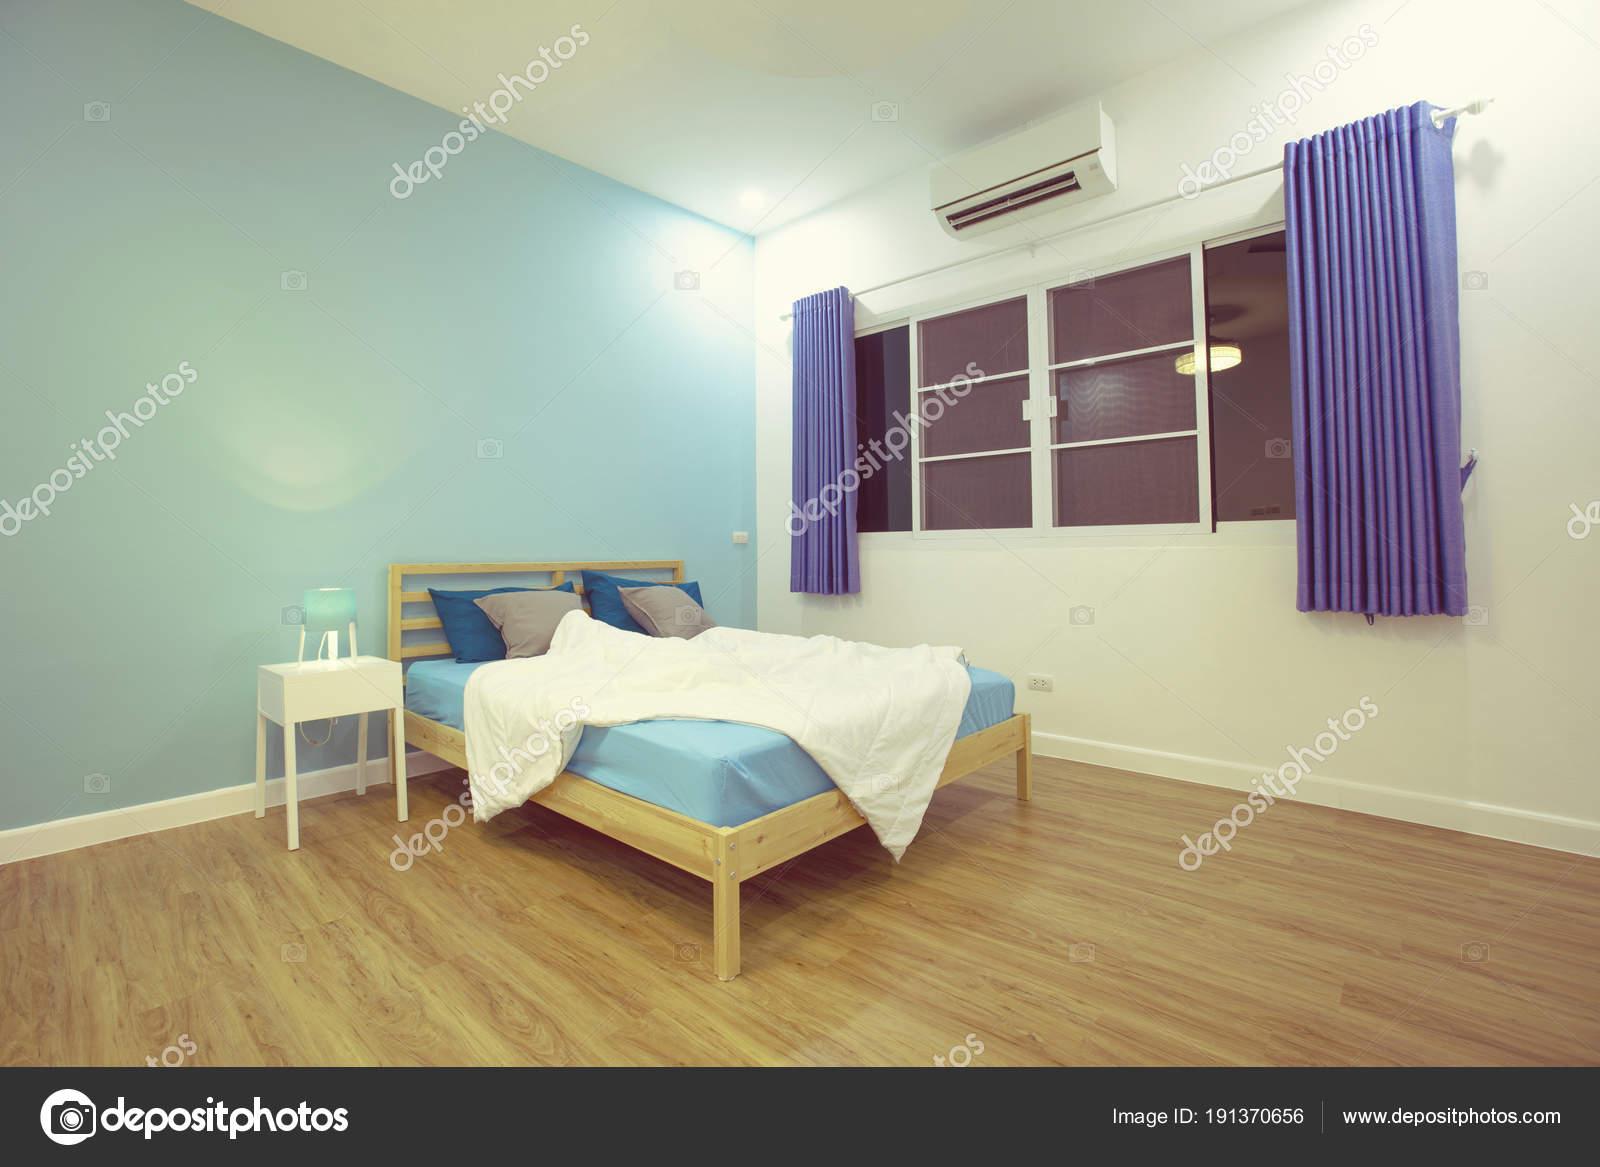 jongen kamer blauwe lichte slaapkamer met witte accessoires stockfoto